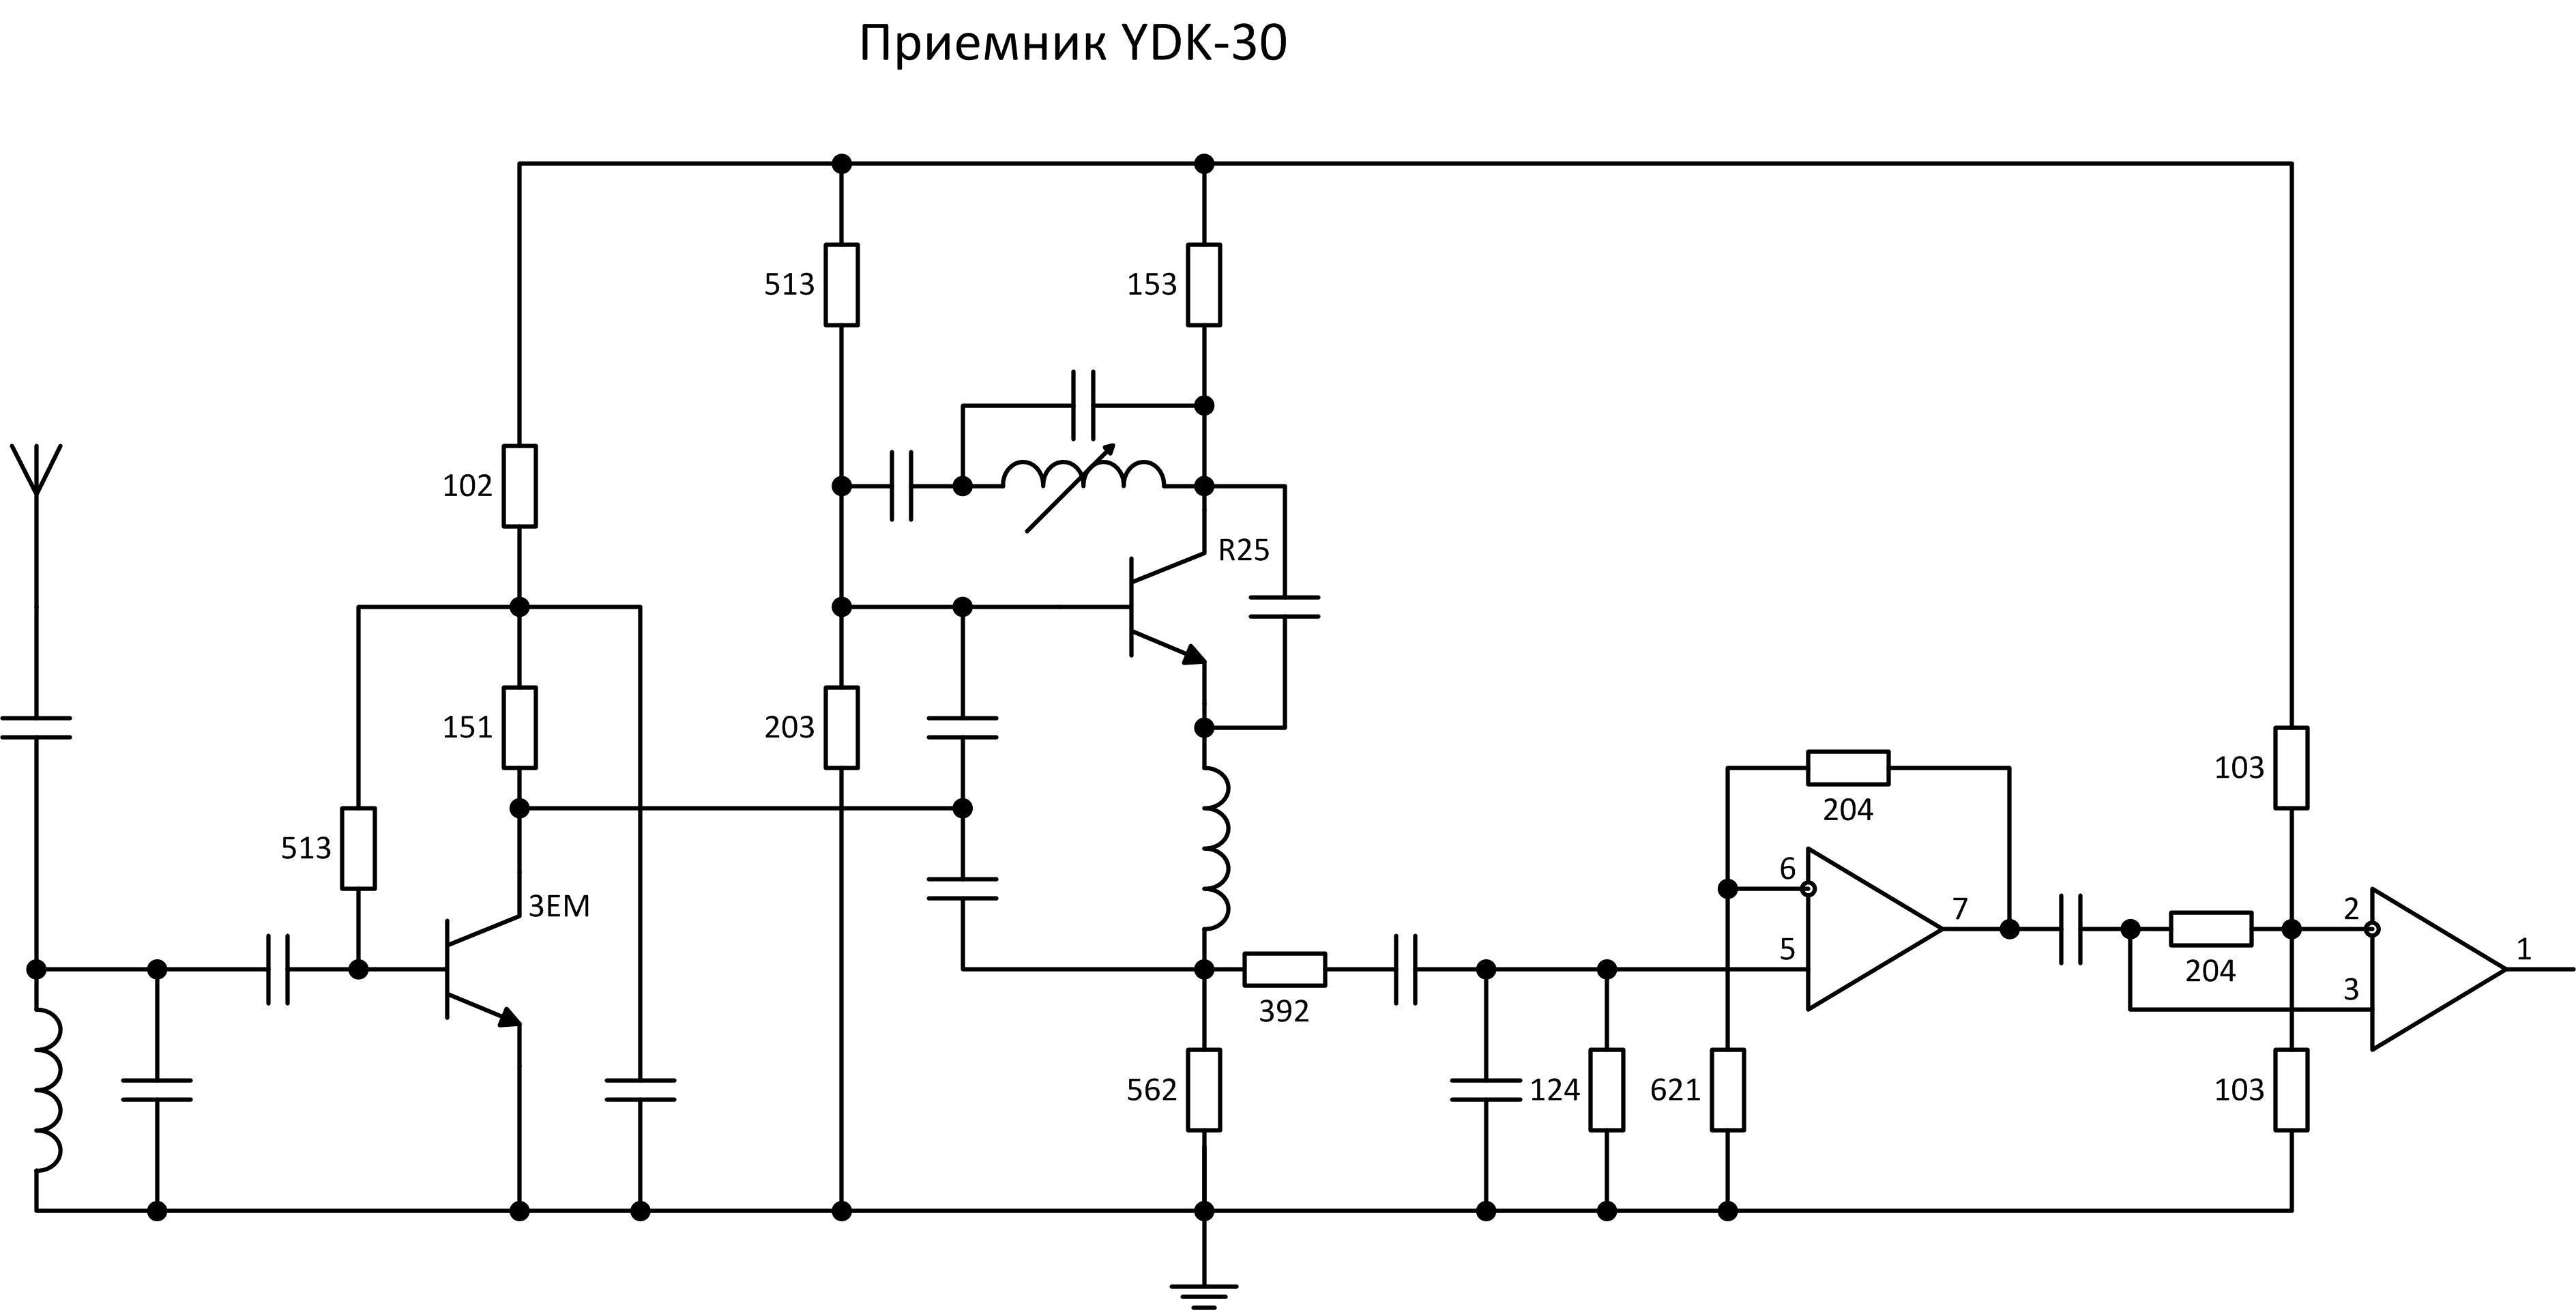 Wireless switch y-7e - 0766e